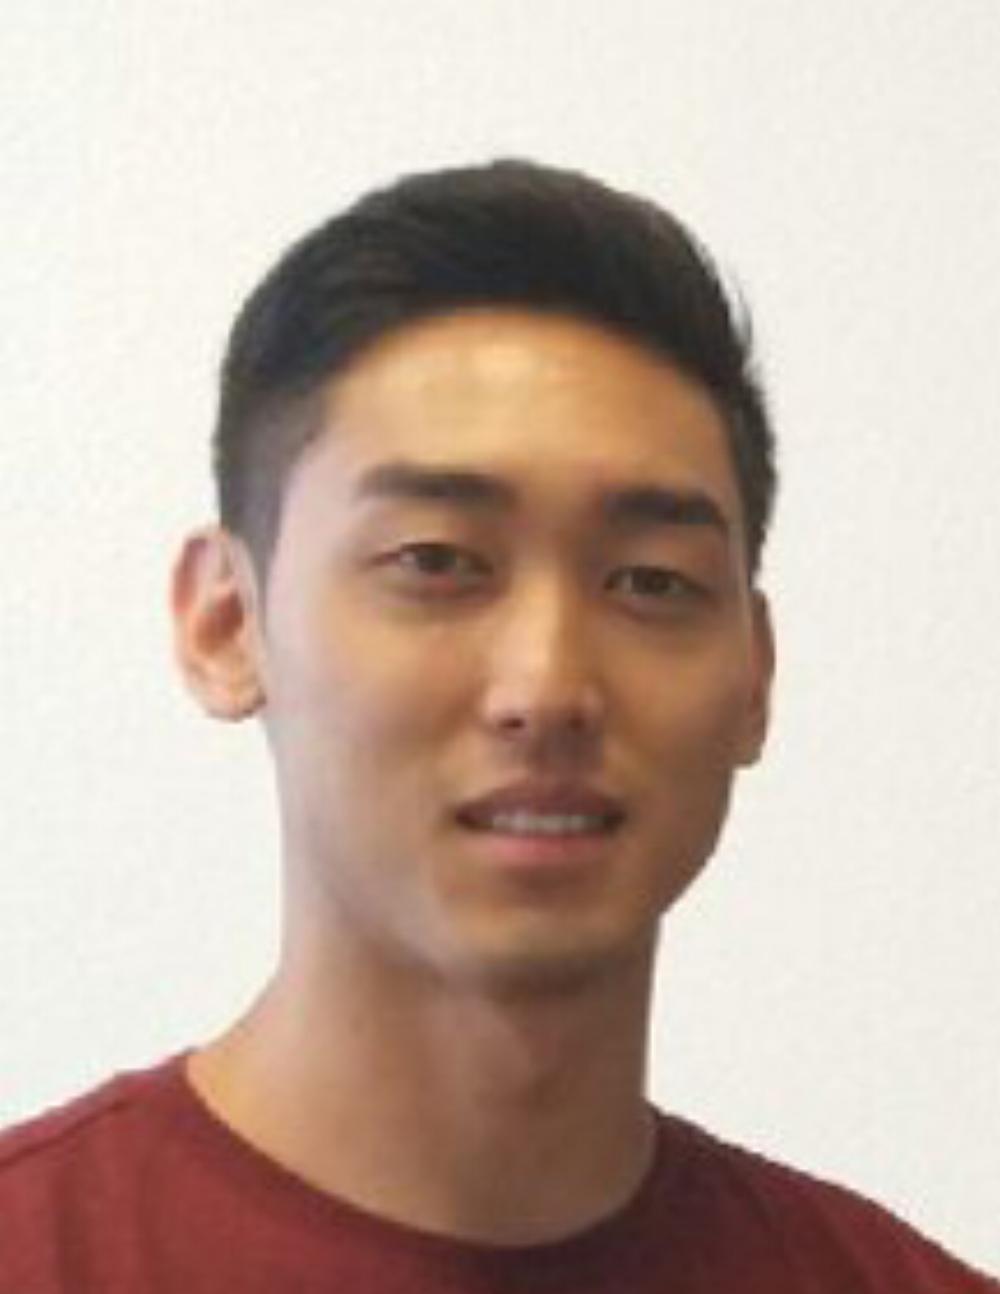 Derrick Kim